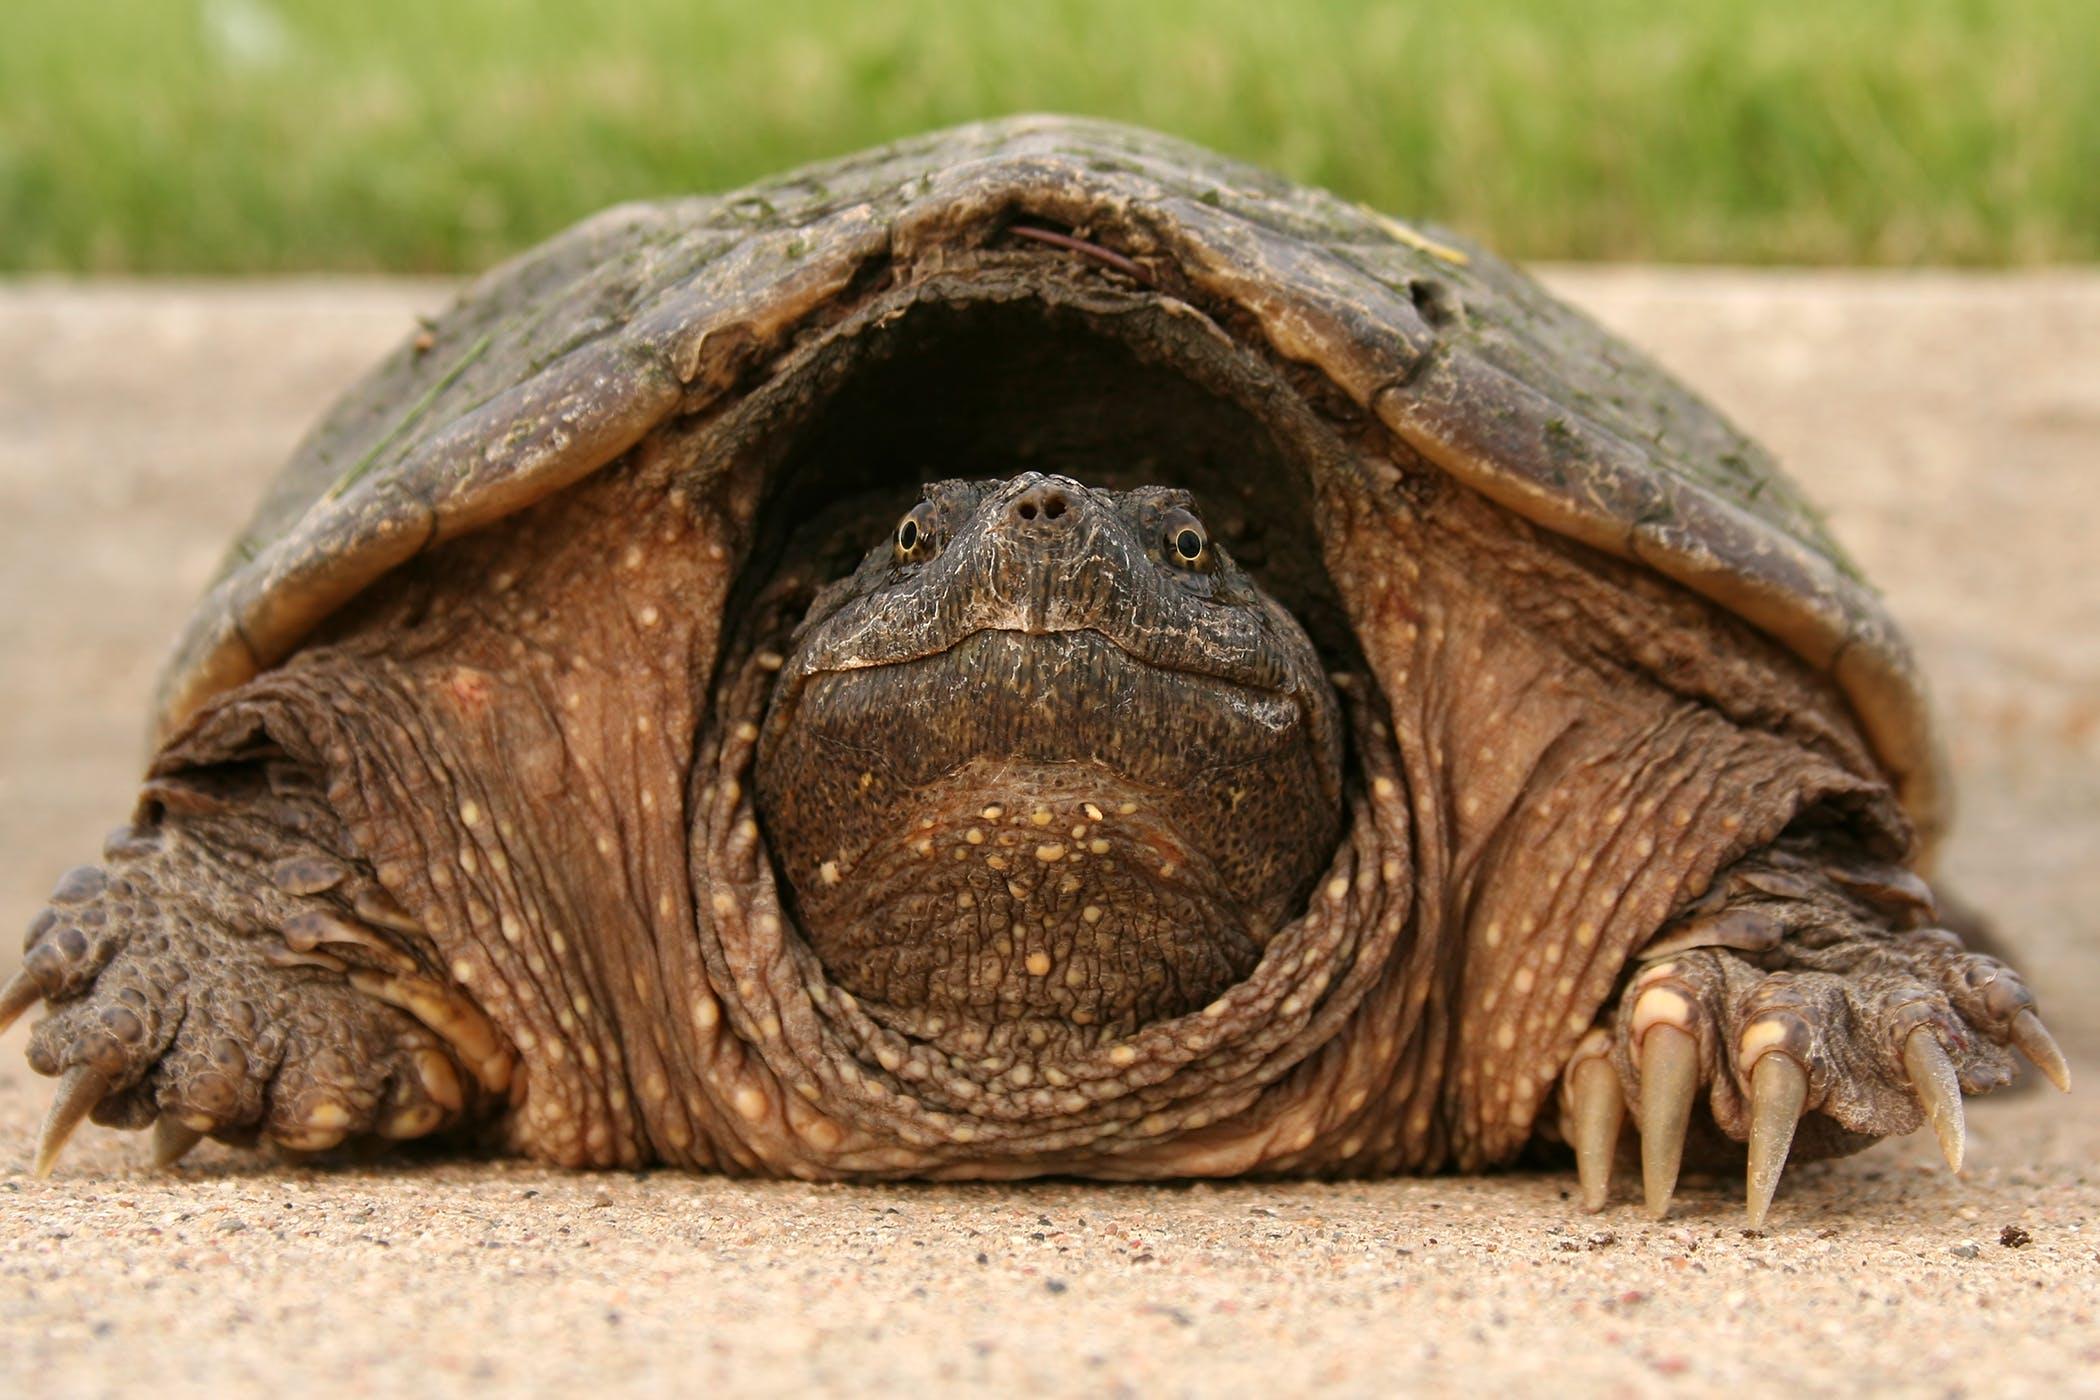 Mycoplasmosis in Reptiles - Symptoms, Causes, Diagnosis